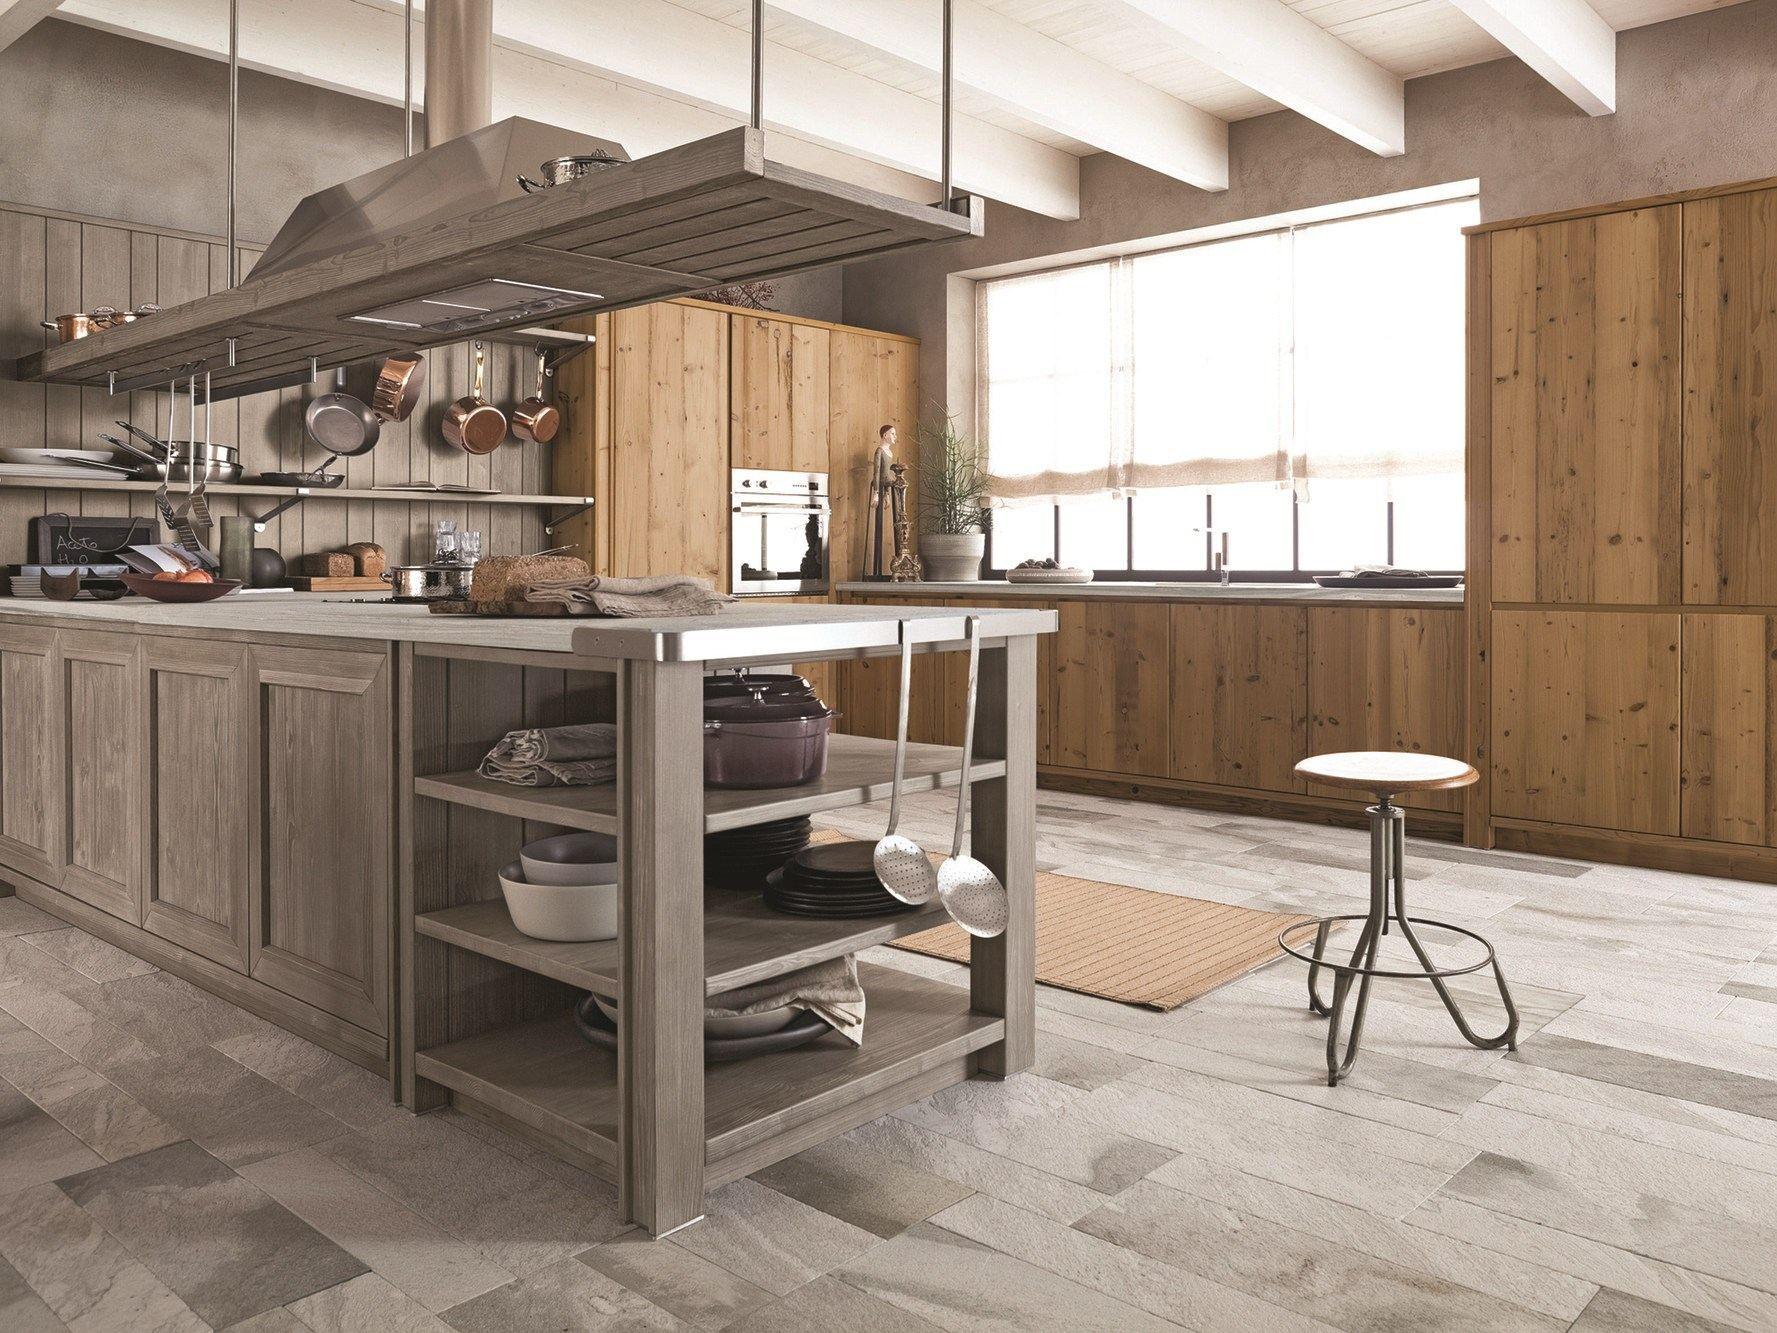 Cucine Piccole Con Banconecucine Piccole Con Isola : Cucine a ...